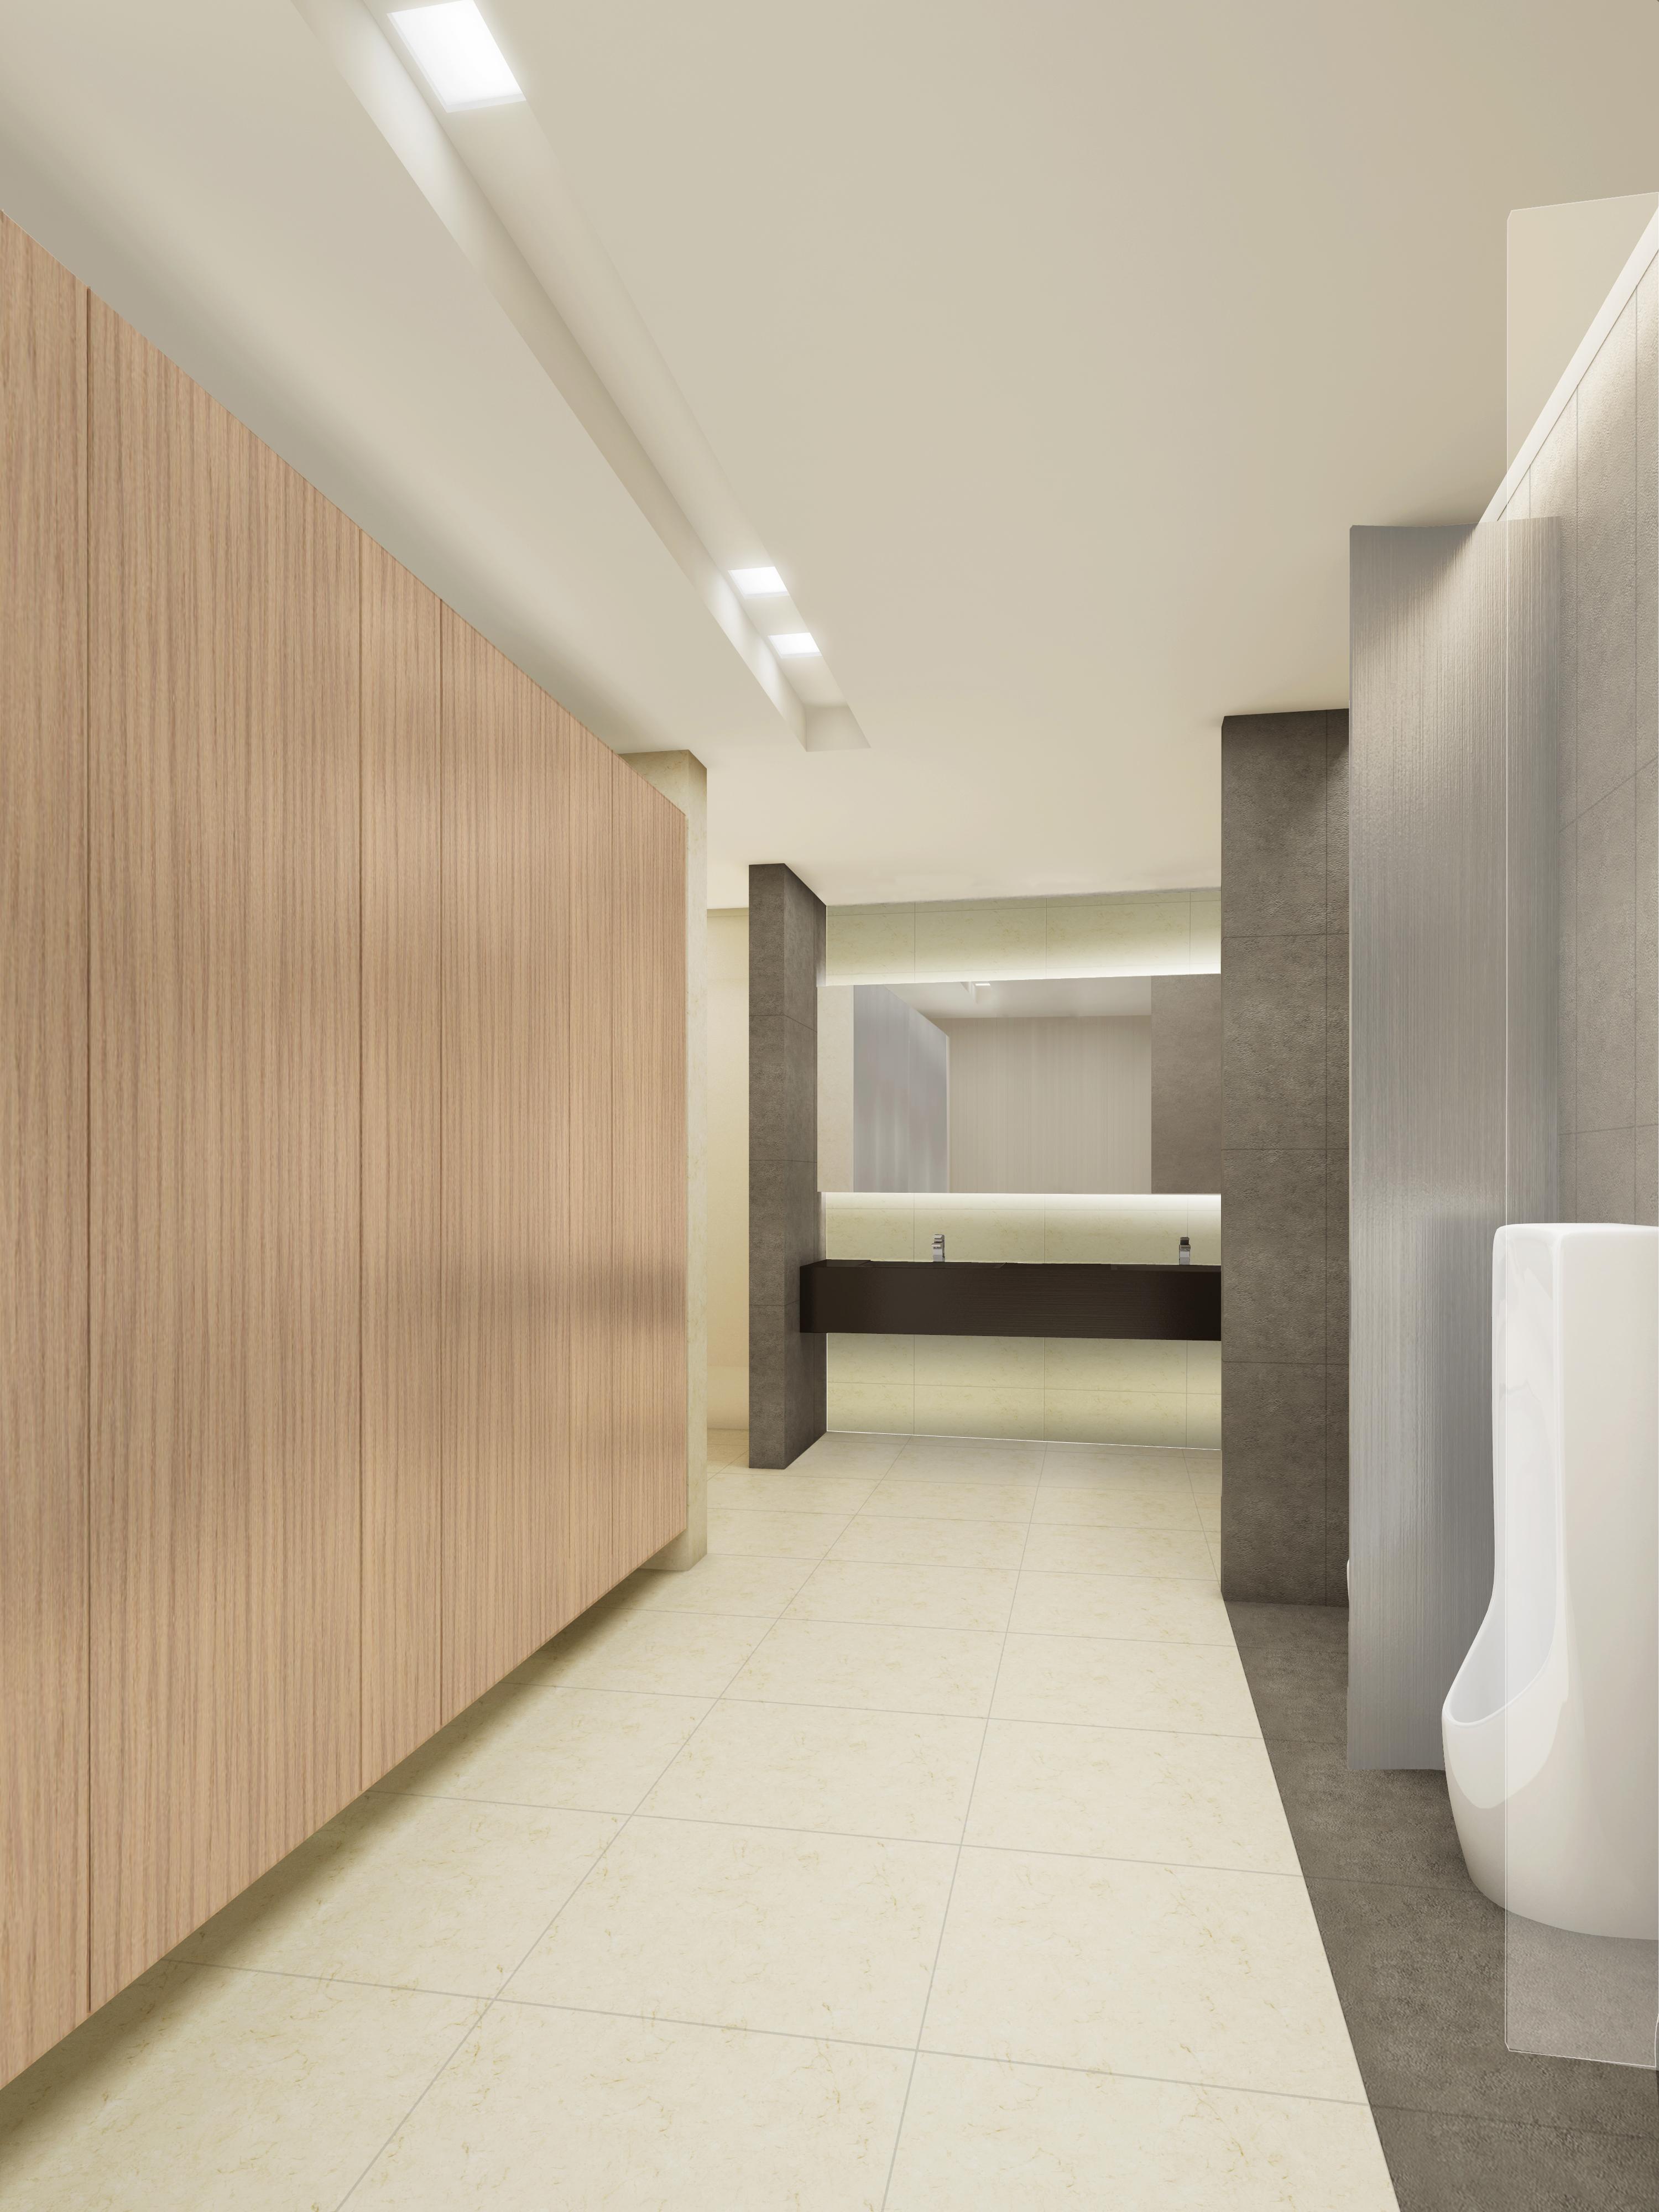 11.공통 Toilet